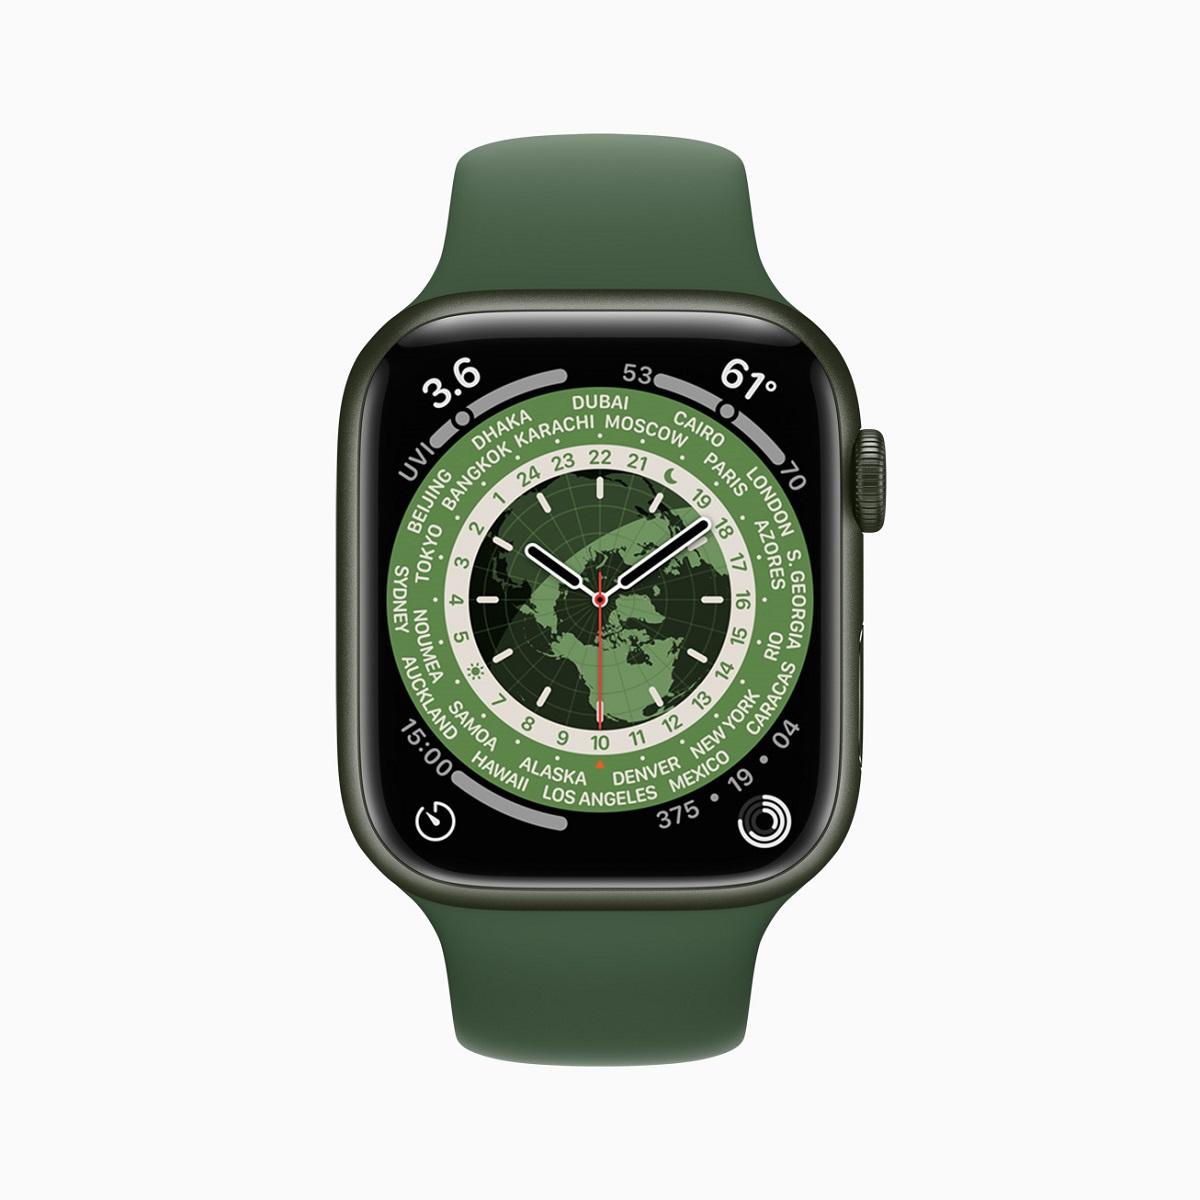 Классический циферблат мирового времени, созданный на основе старинных часов и идеально подходящий для путешественников, отслеживает время в 24 часовых поясах с помощью двойного циферблата.